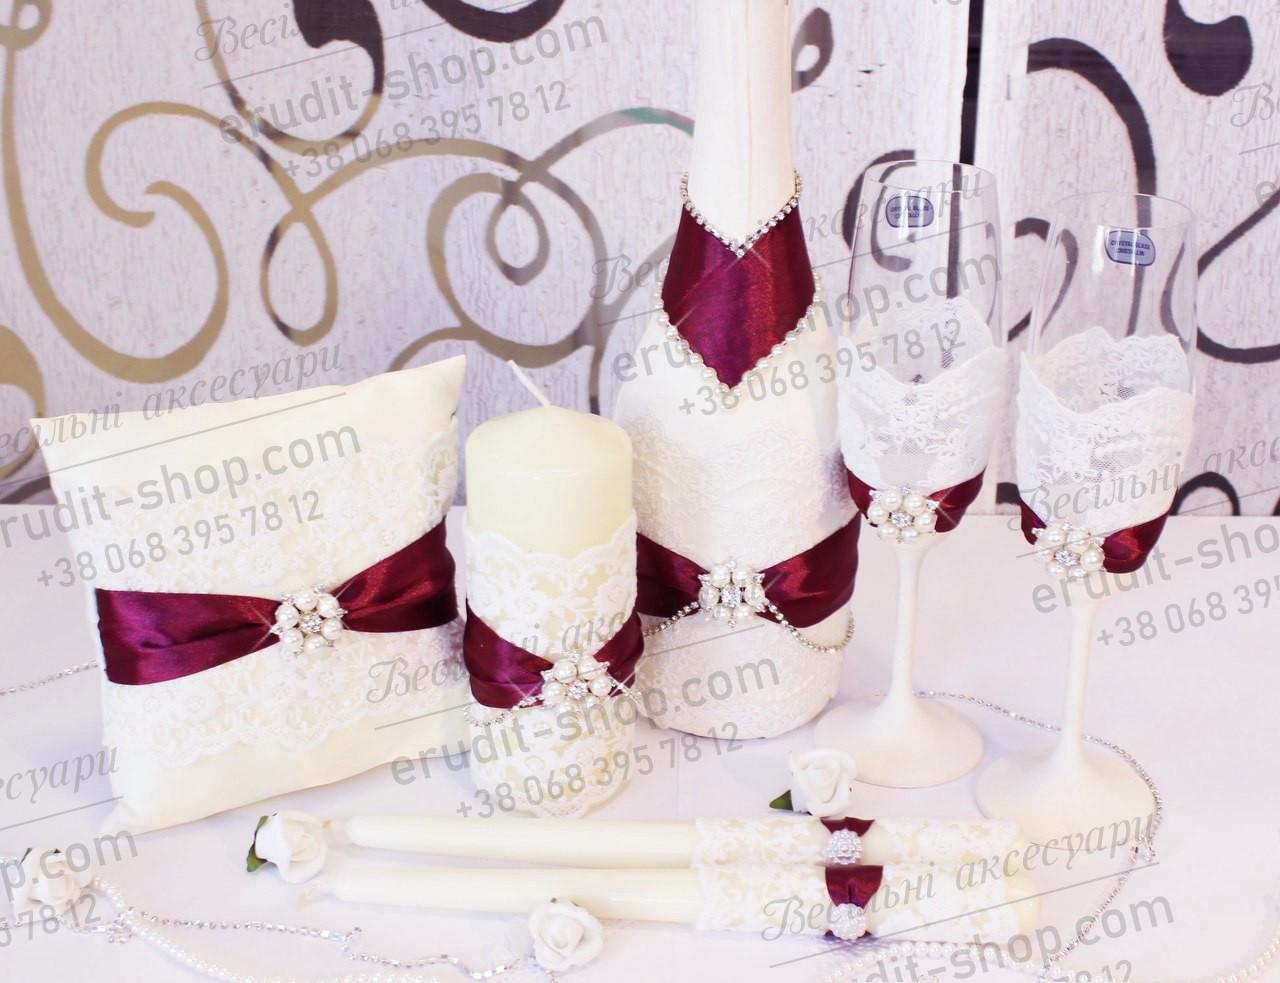 Свадебное шампанское, свадебные бокалы, шампанское, бокалы, коробка для денег,шампанське -  интернет-магазин Эрудит в Ровненской области